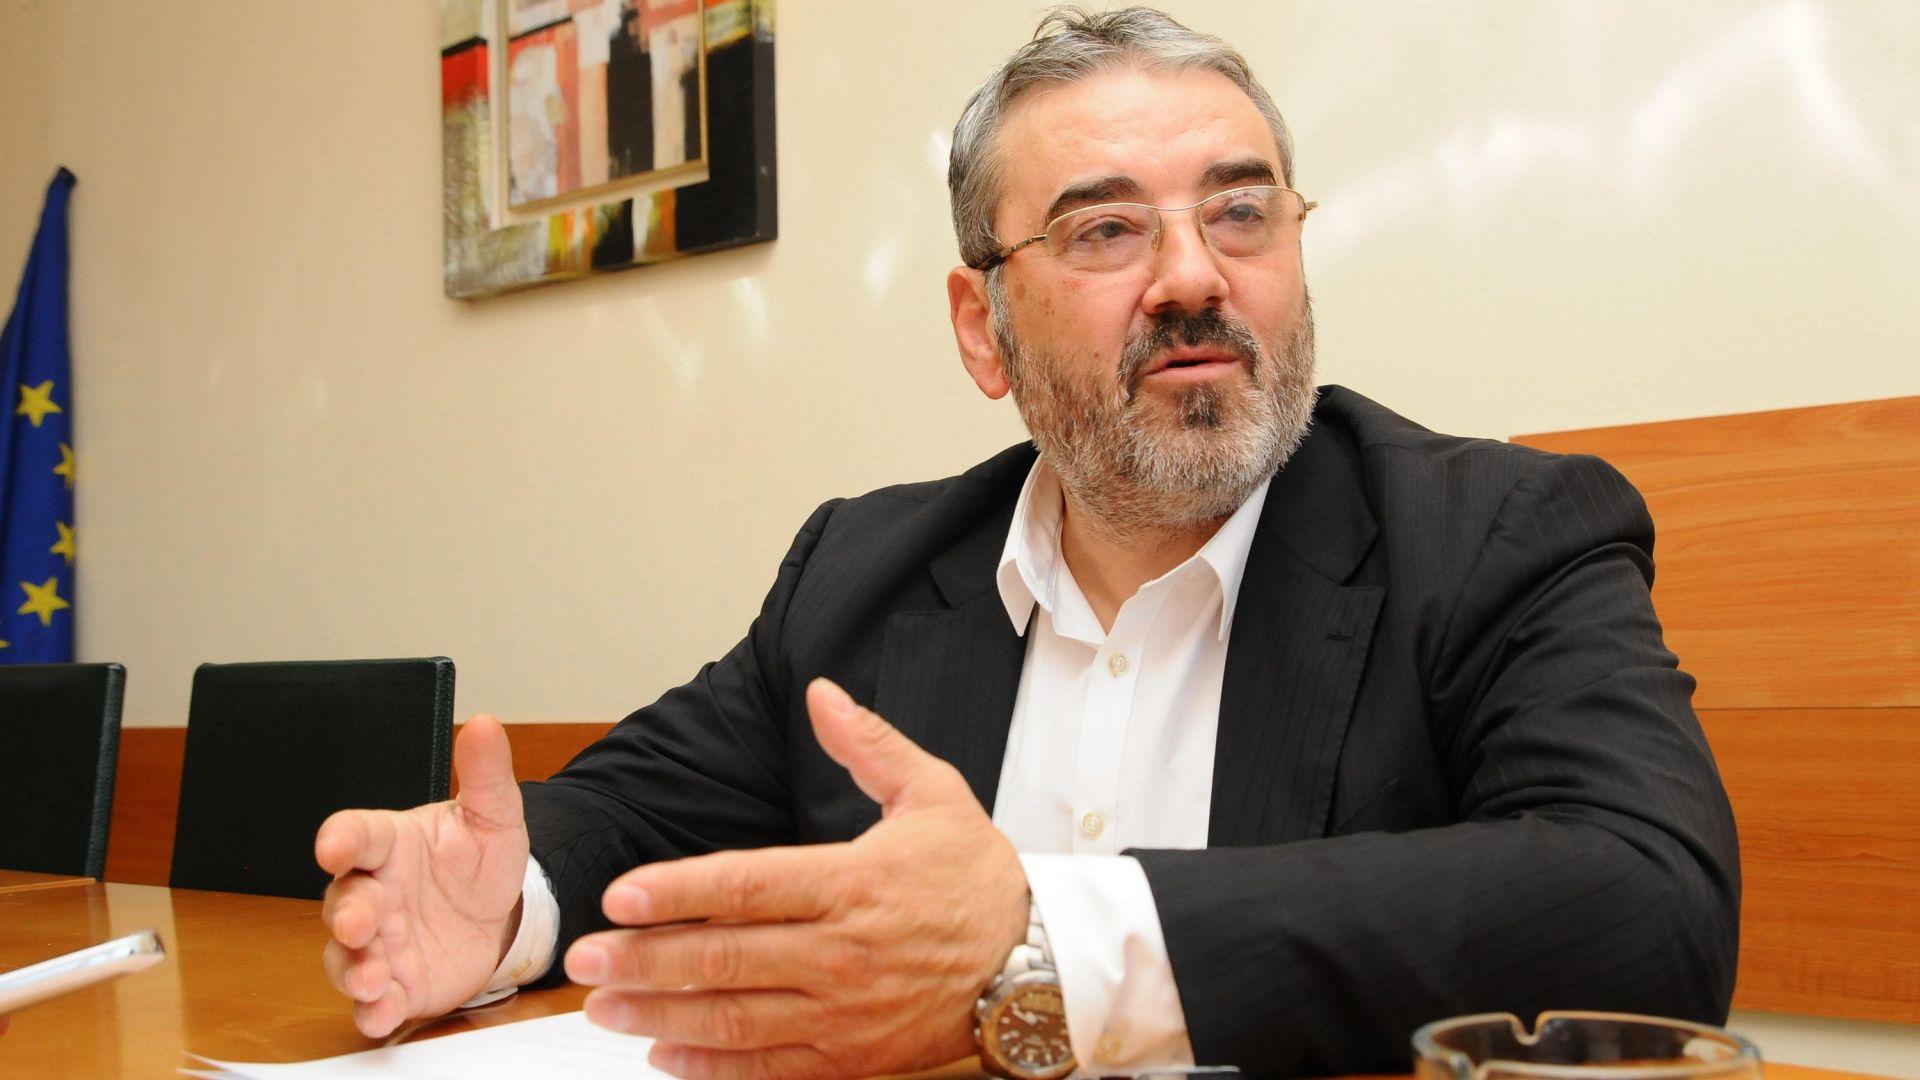 Спецсъдът даде ход на делото срещу бившия шеф на ДКЕВР Ангел Семерджиев